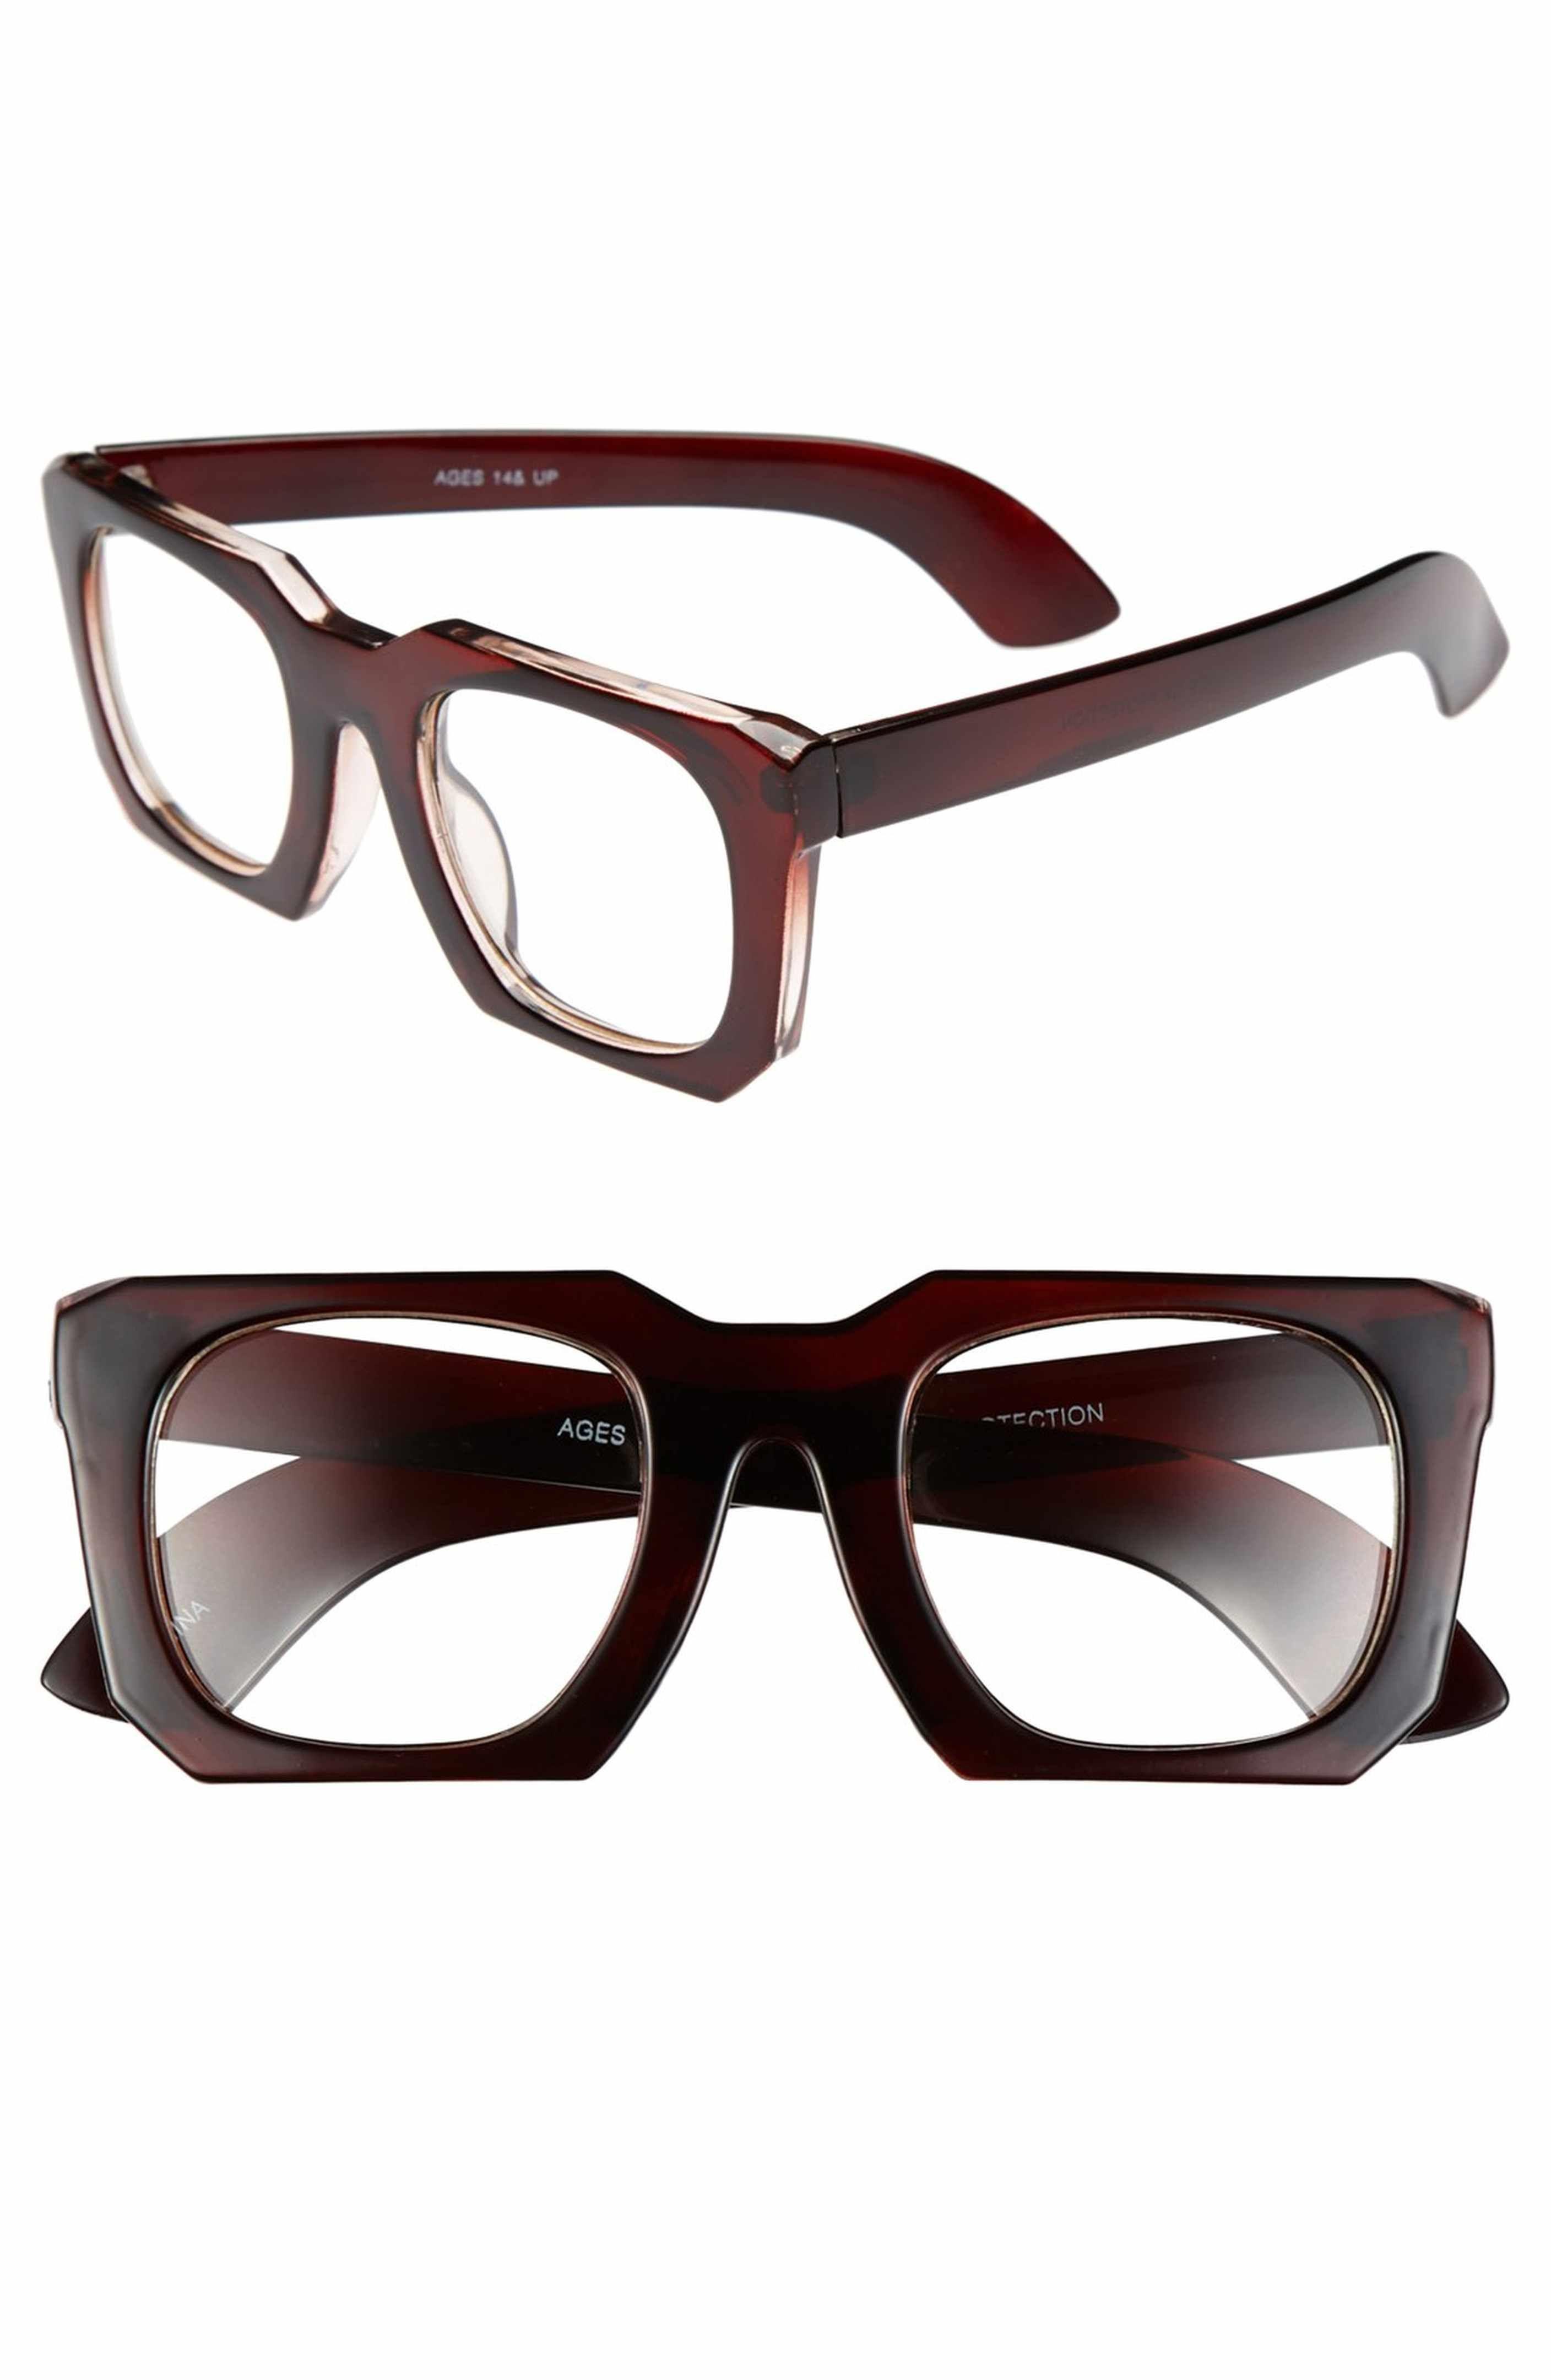 Fe Ny Hero Worship Fashion Glasses Armacoes De Oculos Modelos